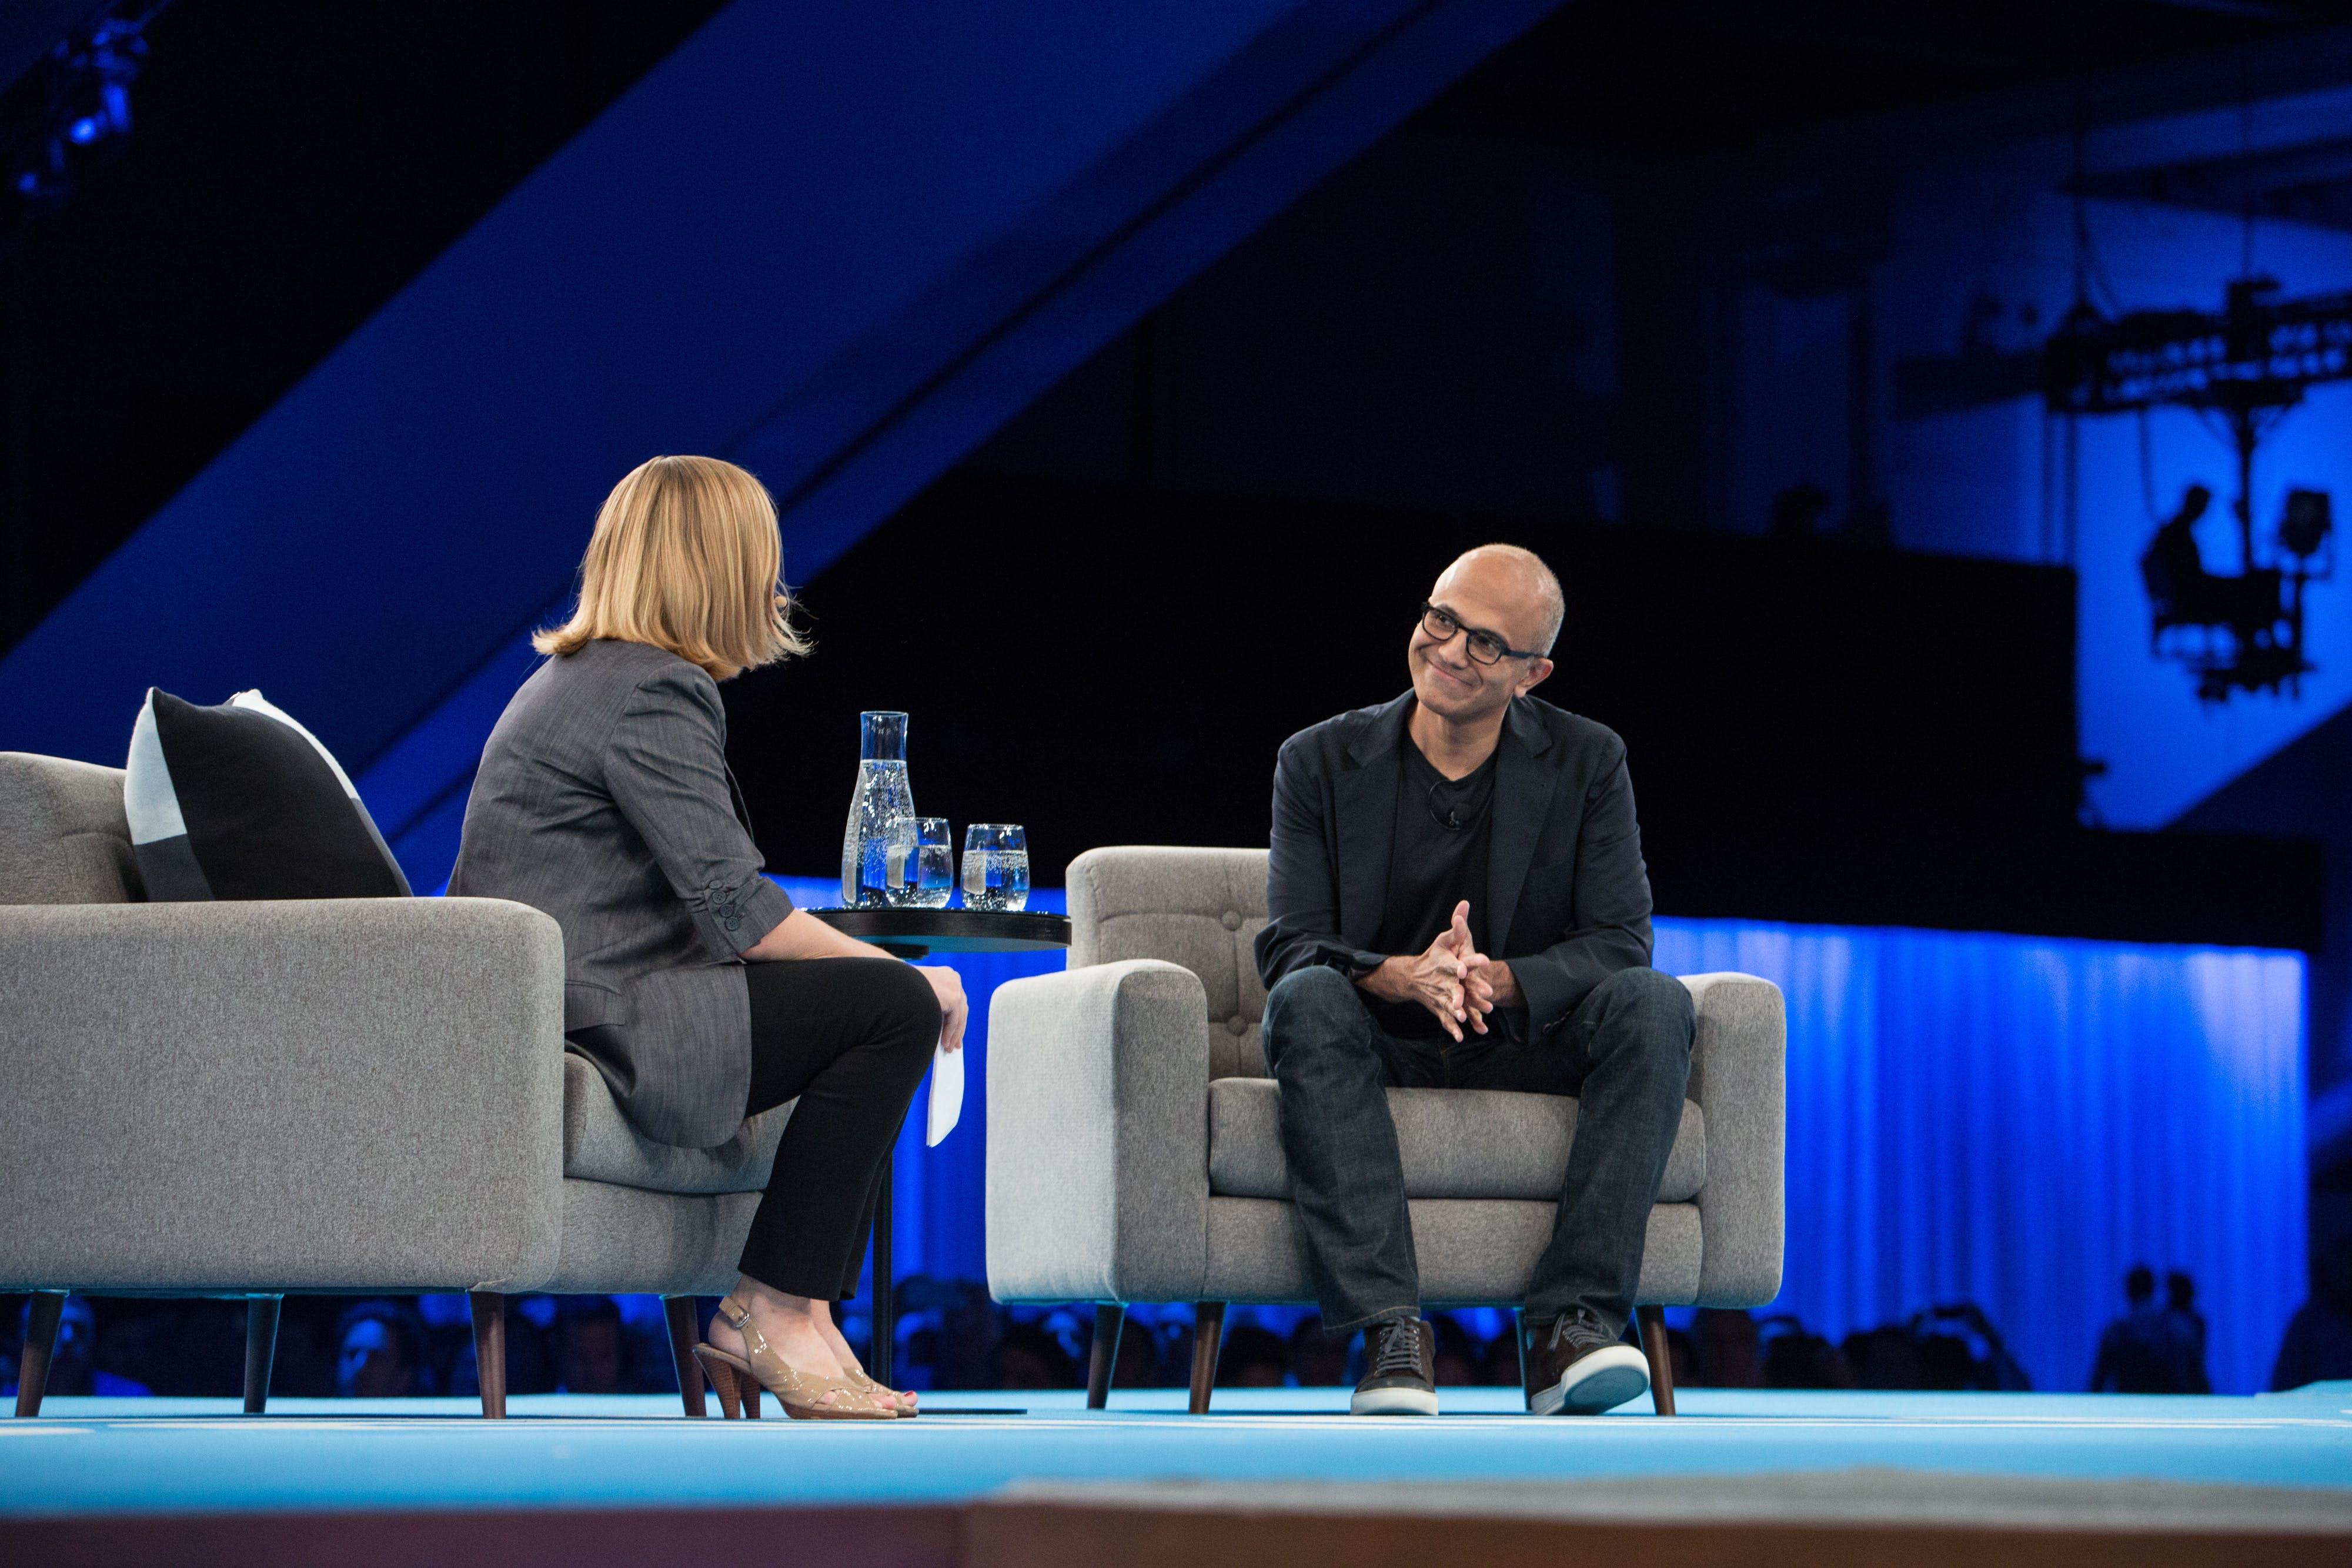 Microsoft CEO Satya Nadella on stage at Dreamforce